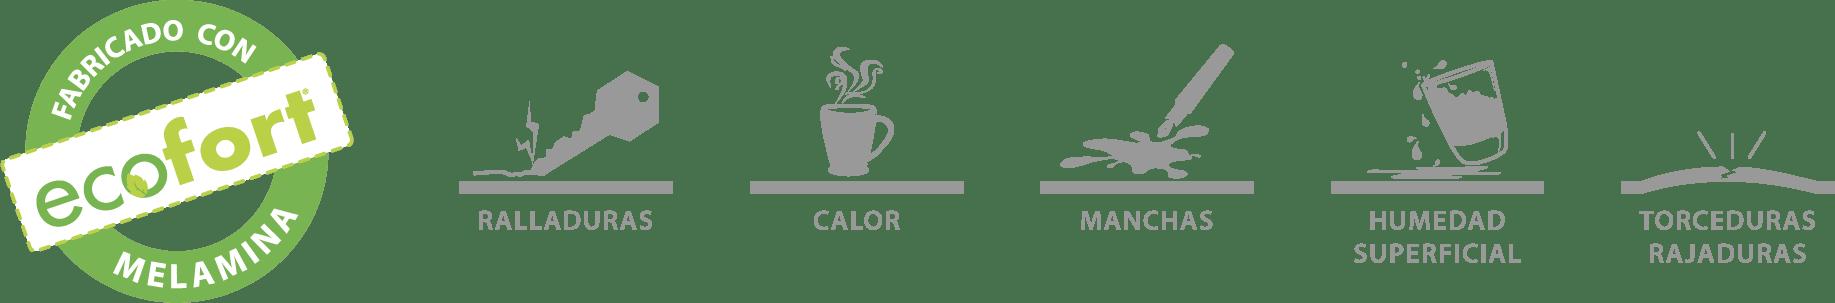 Características - Tableros Melamínicos Ecofort